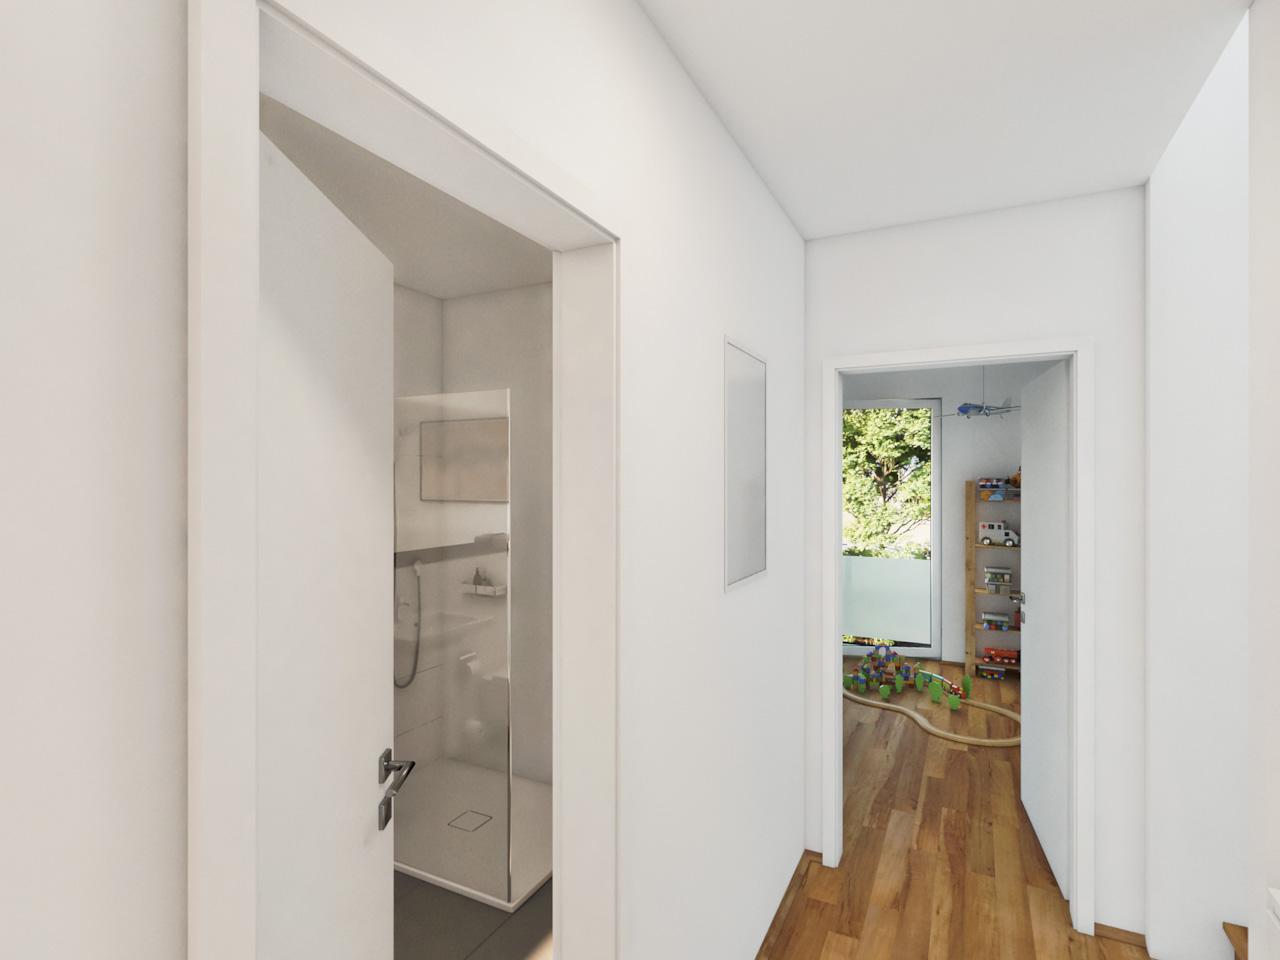 Ansicht eines Flurs mit Blick in Bad und Kinderzimmer